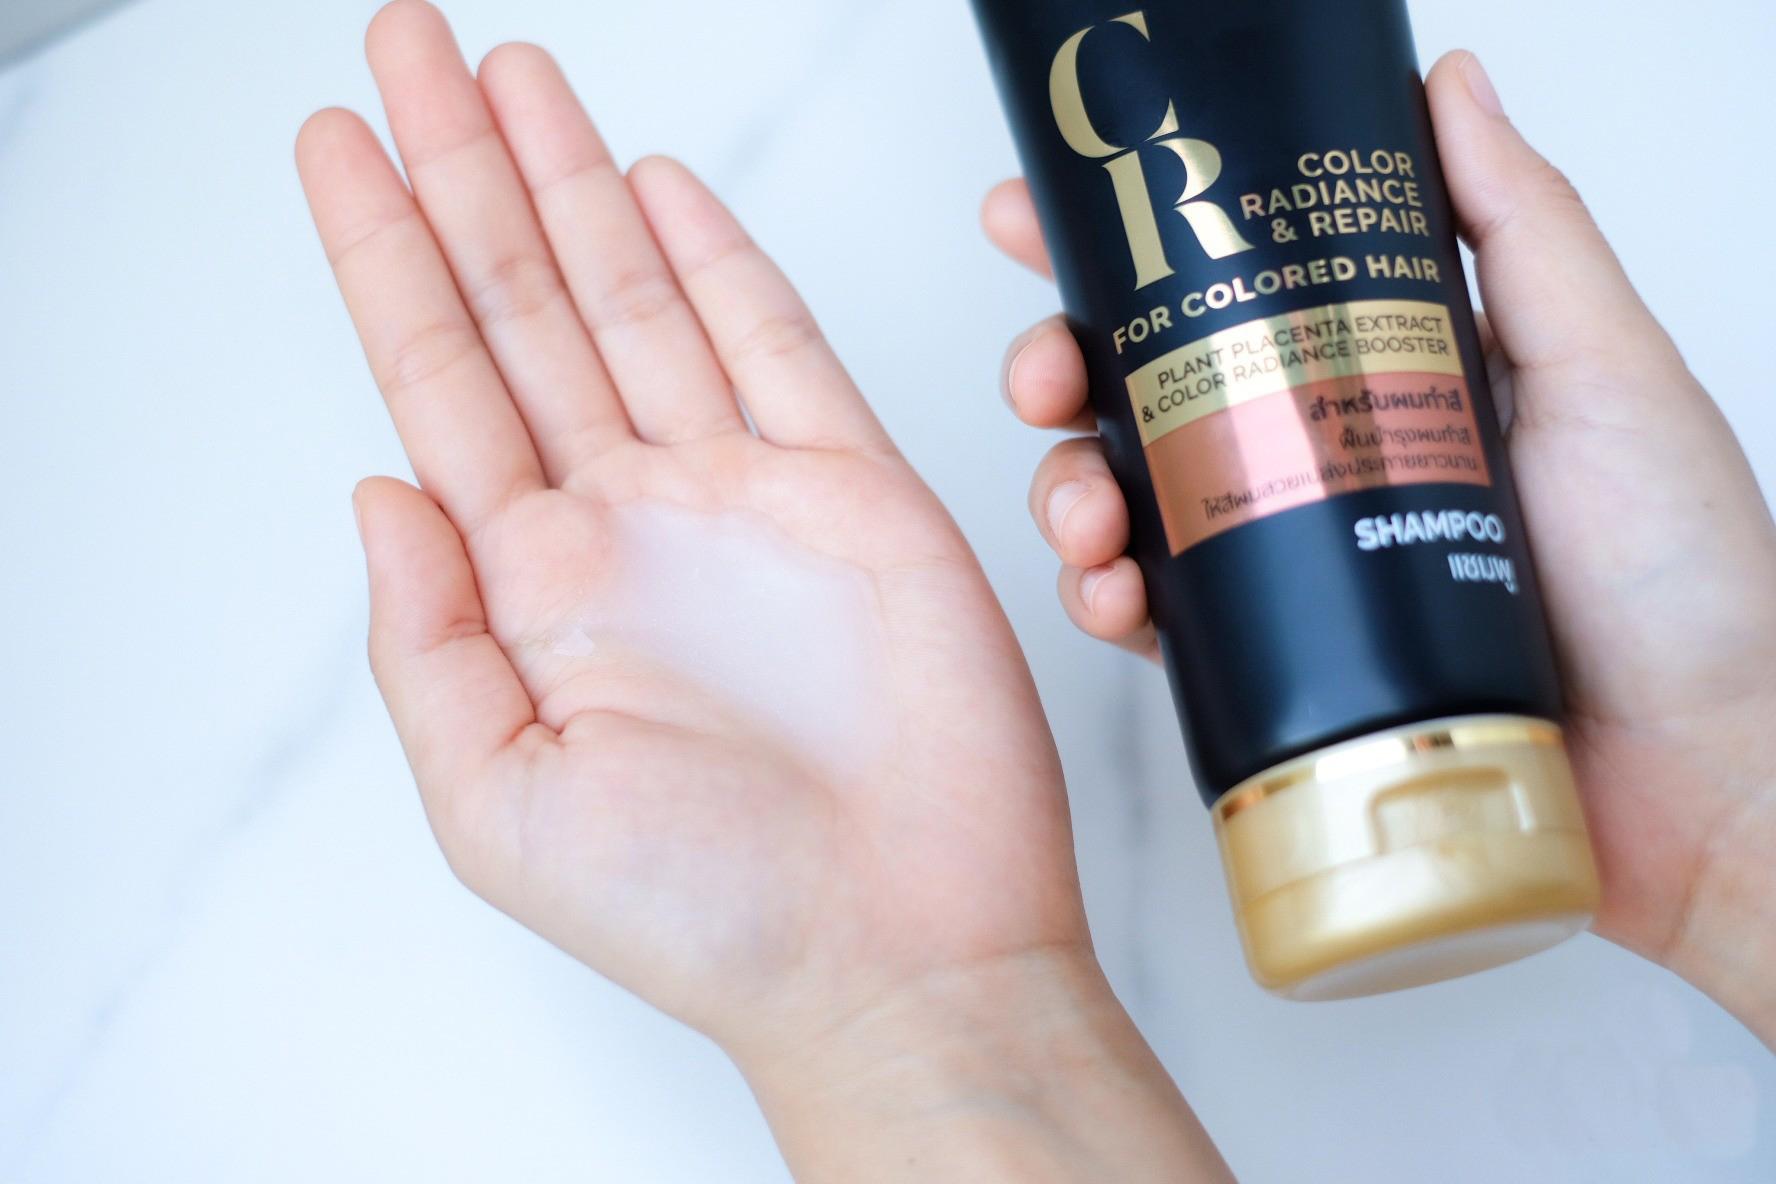 Dầu Gội Dành Cho Tóc Nhuộm TRESemmé Color Radiance & Repair Shampoo for Colored Hair 250ml hiện đã có mặt tại Hasaki